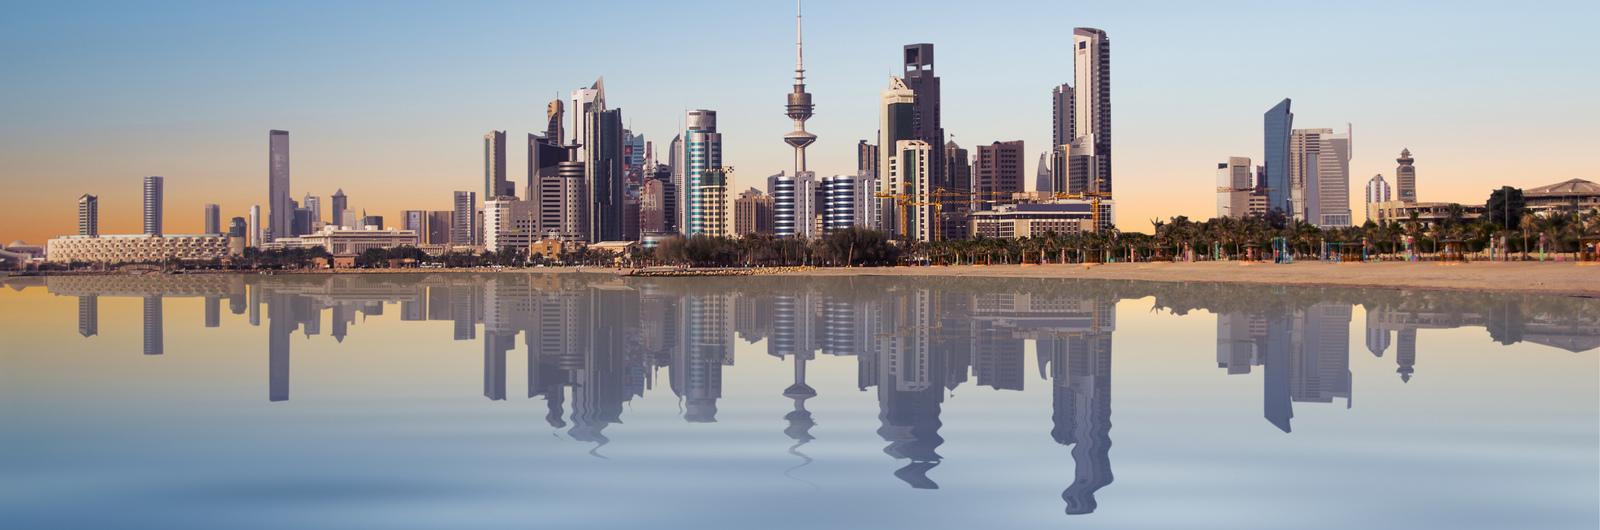 kuwait city city header